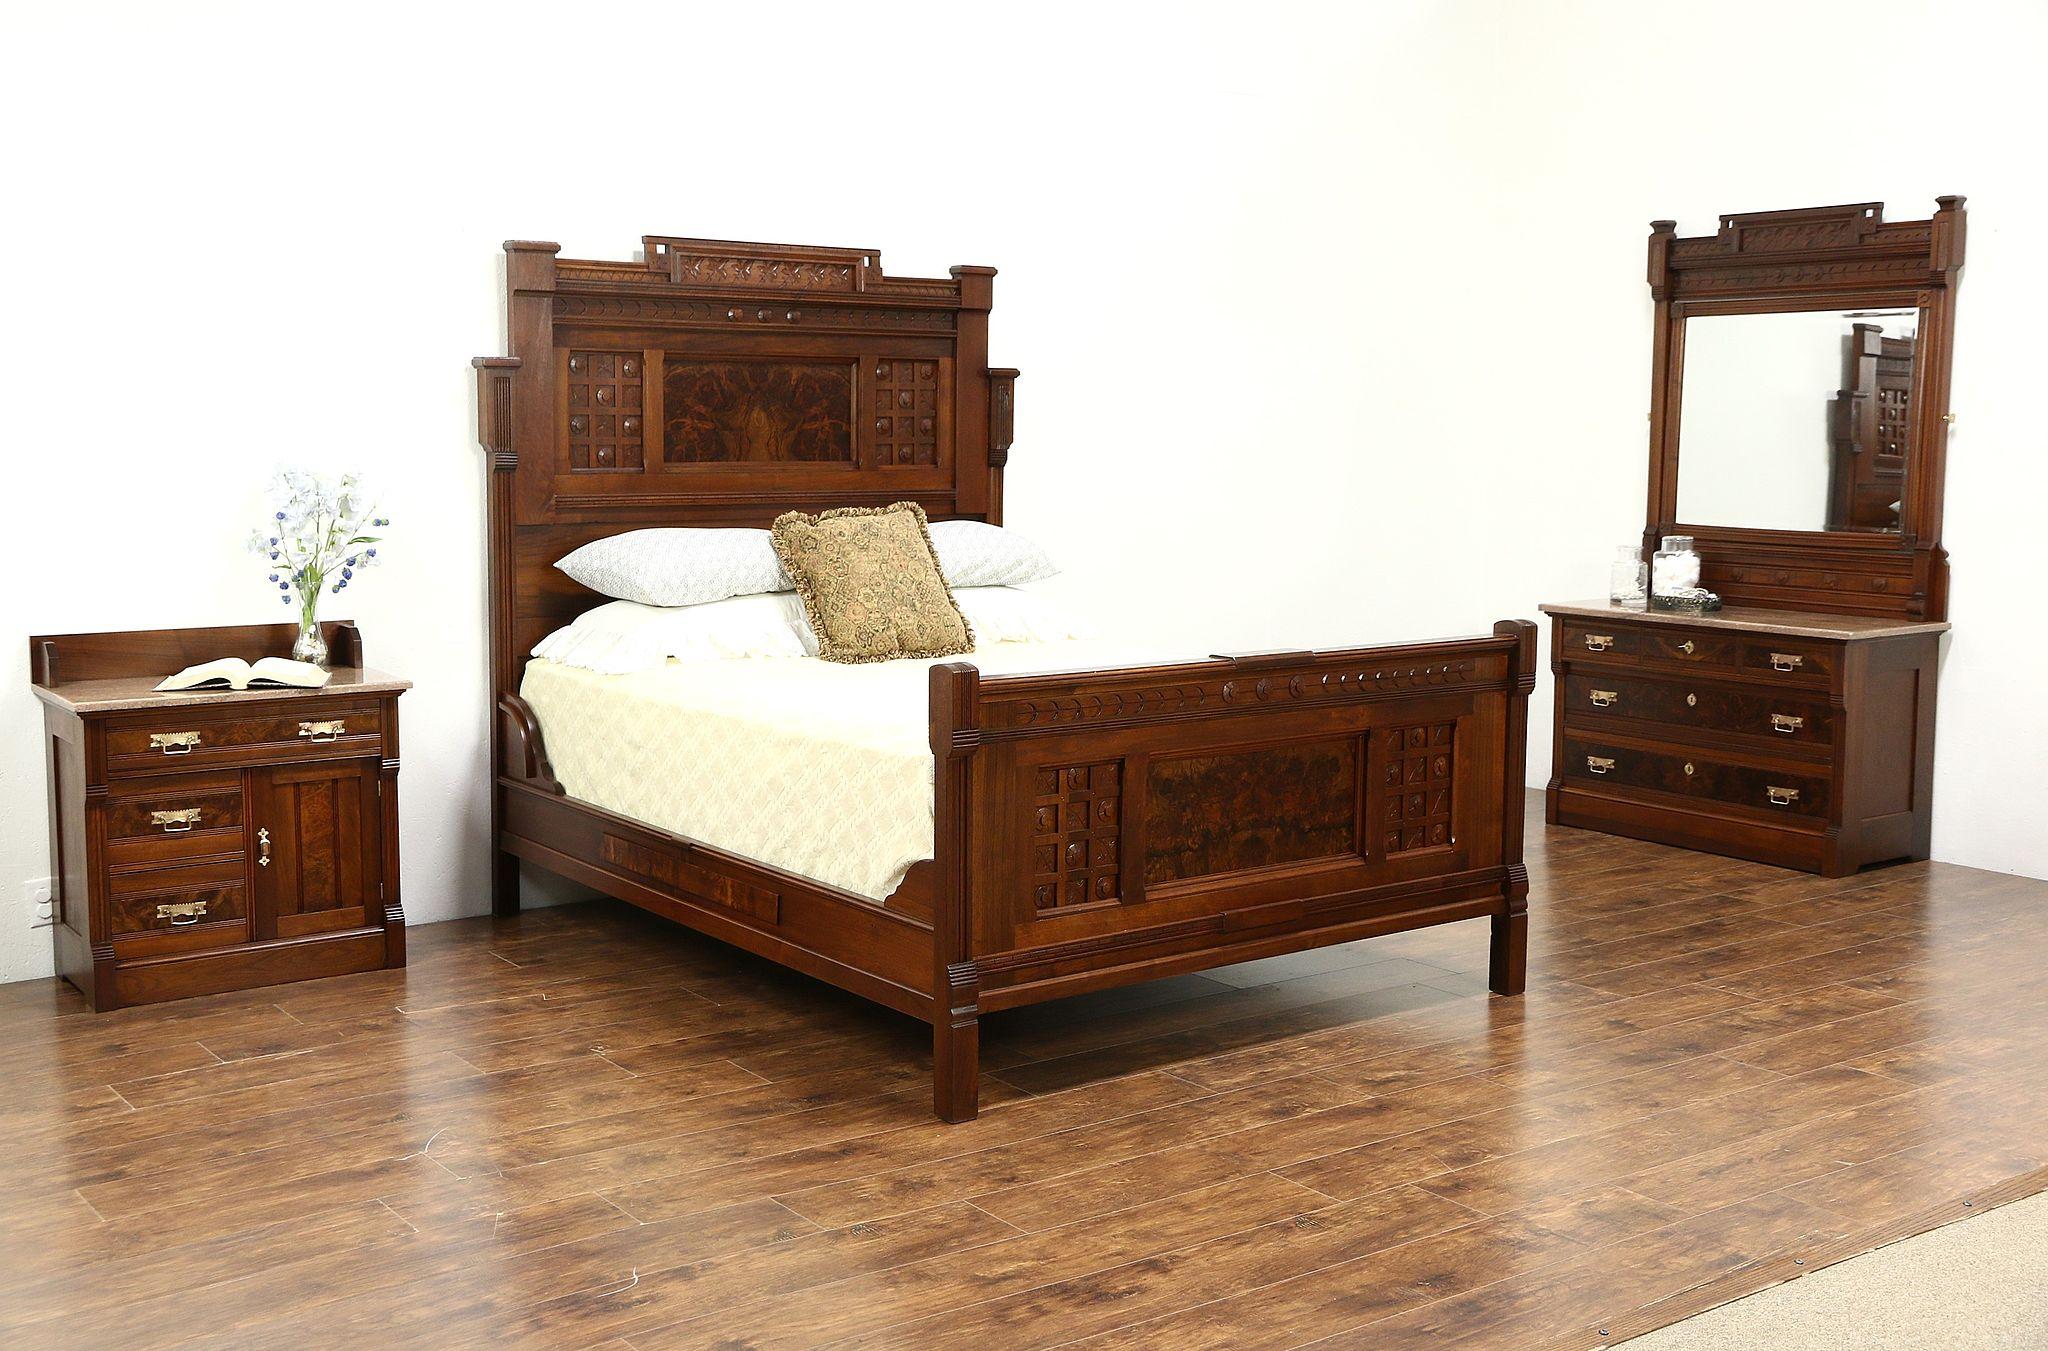 Victorian Eastlake 1880 Antique 3 Pc Queen Size Walnut Bedroom Set, Marble  Tops